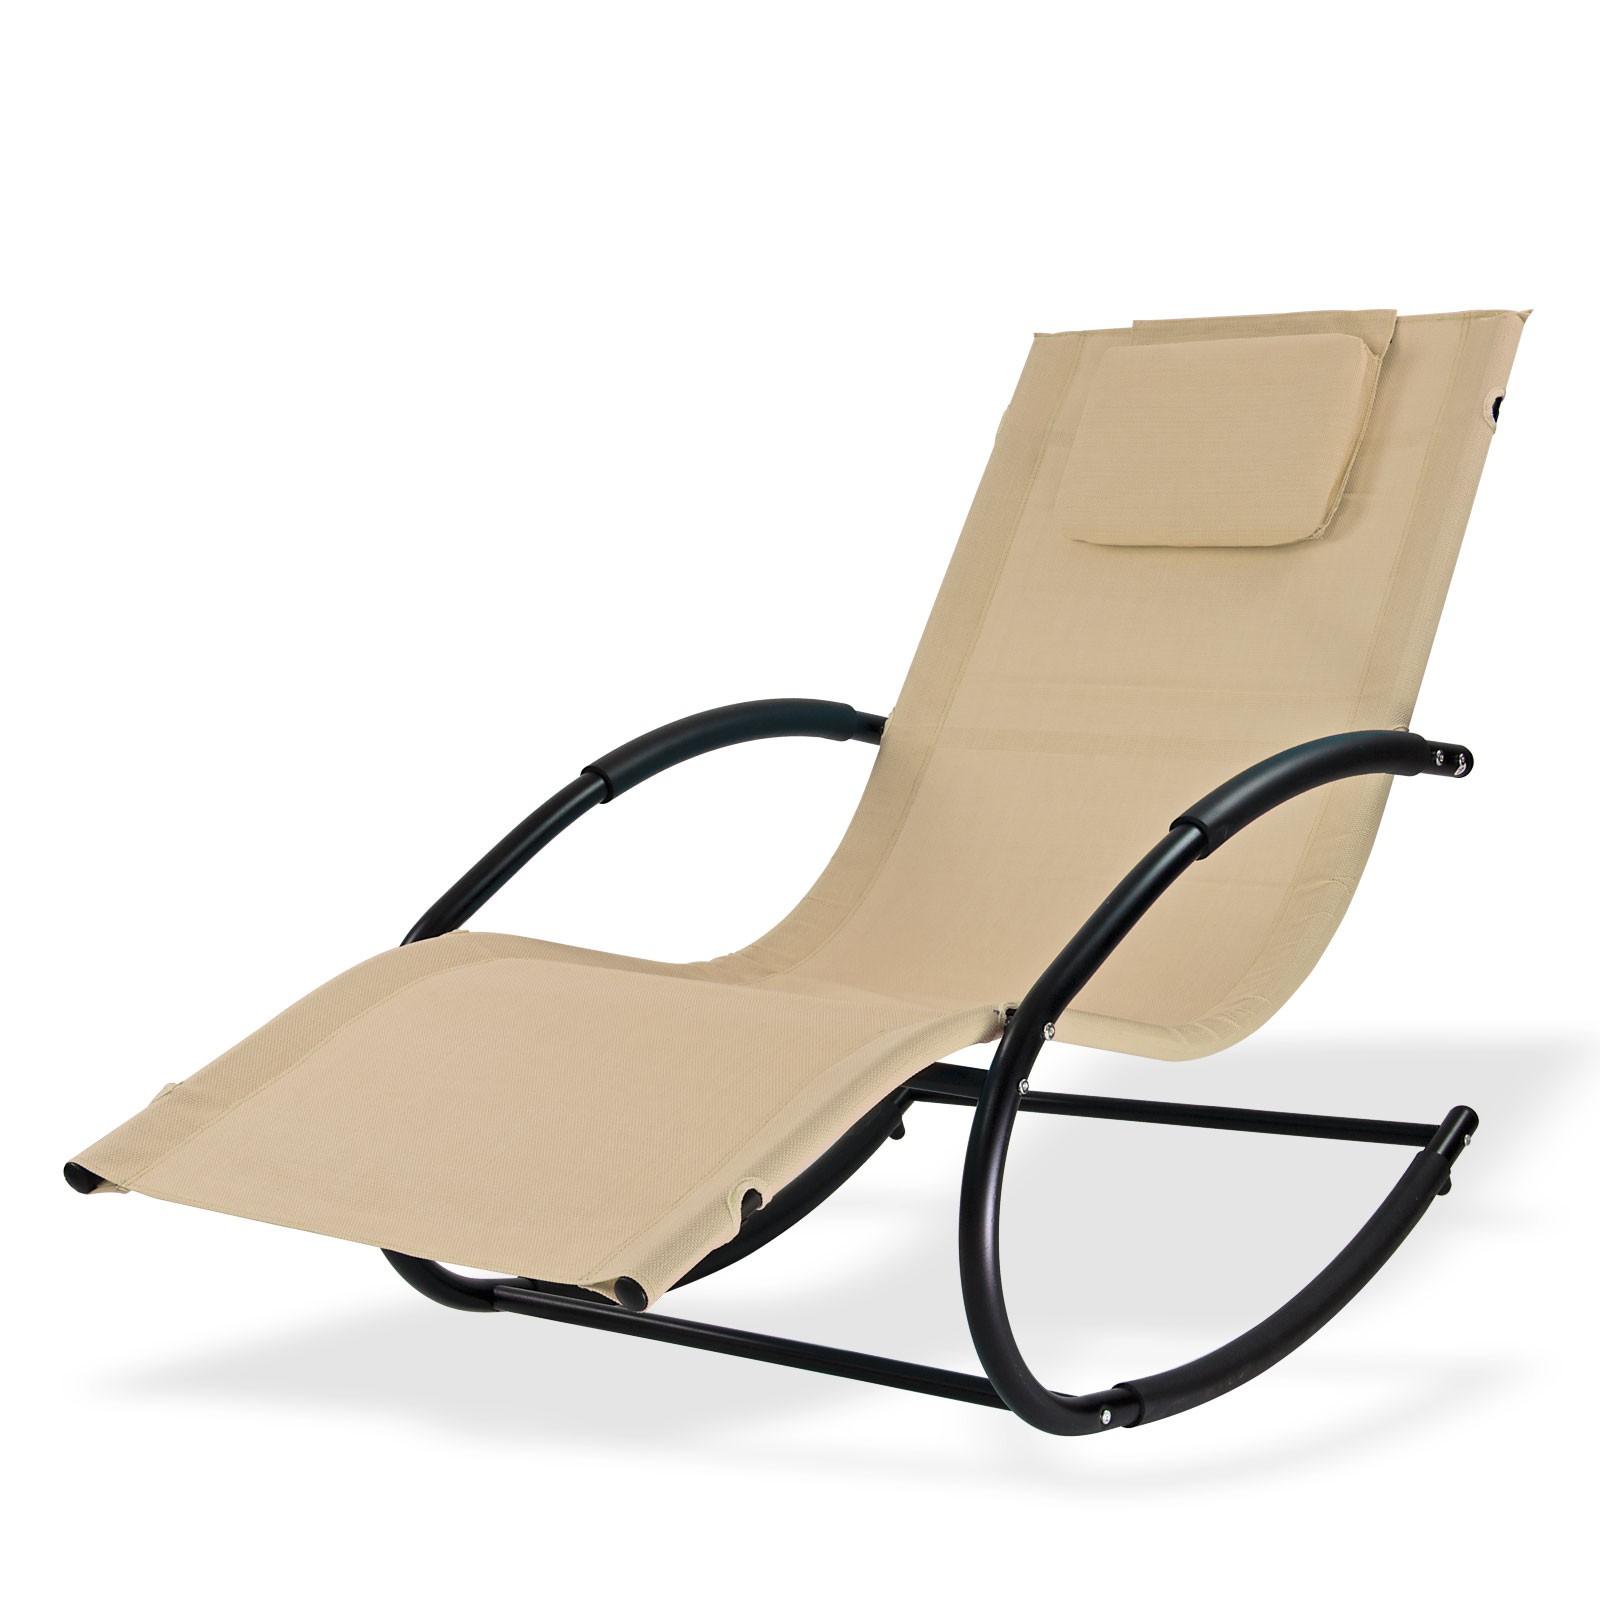 Dema Sonnenliege Relaxliege Gartenliege Liegestuhl Schaukelliege Swing Natur Liege 94085